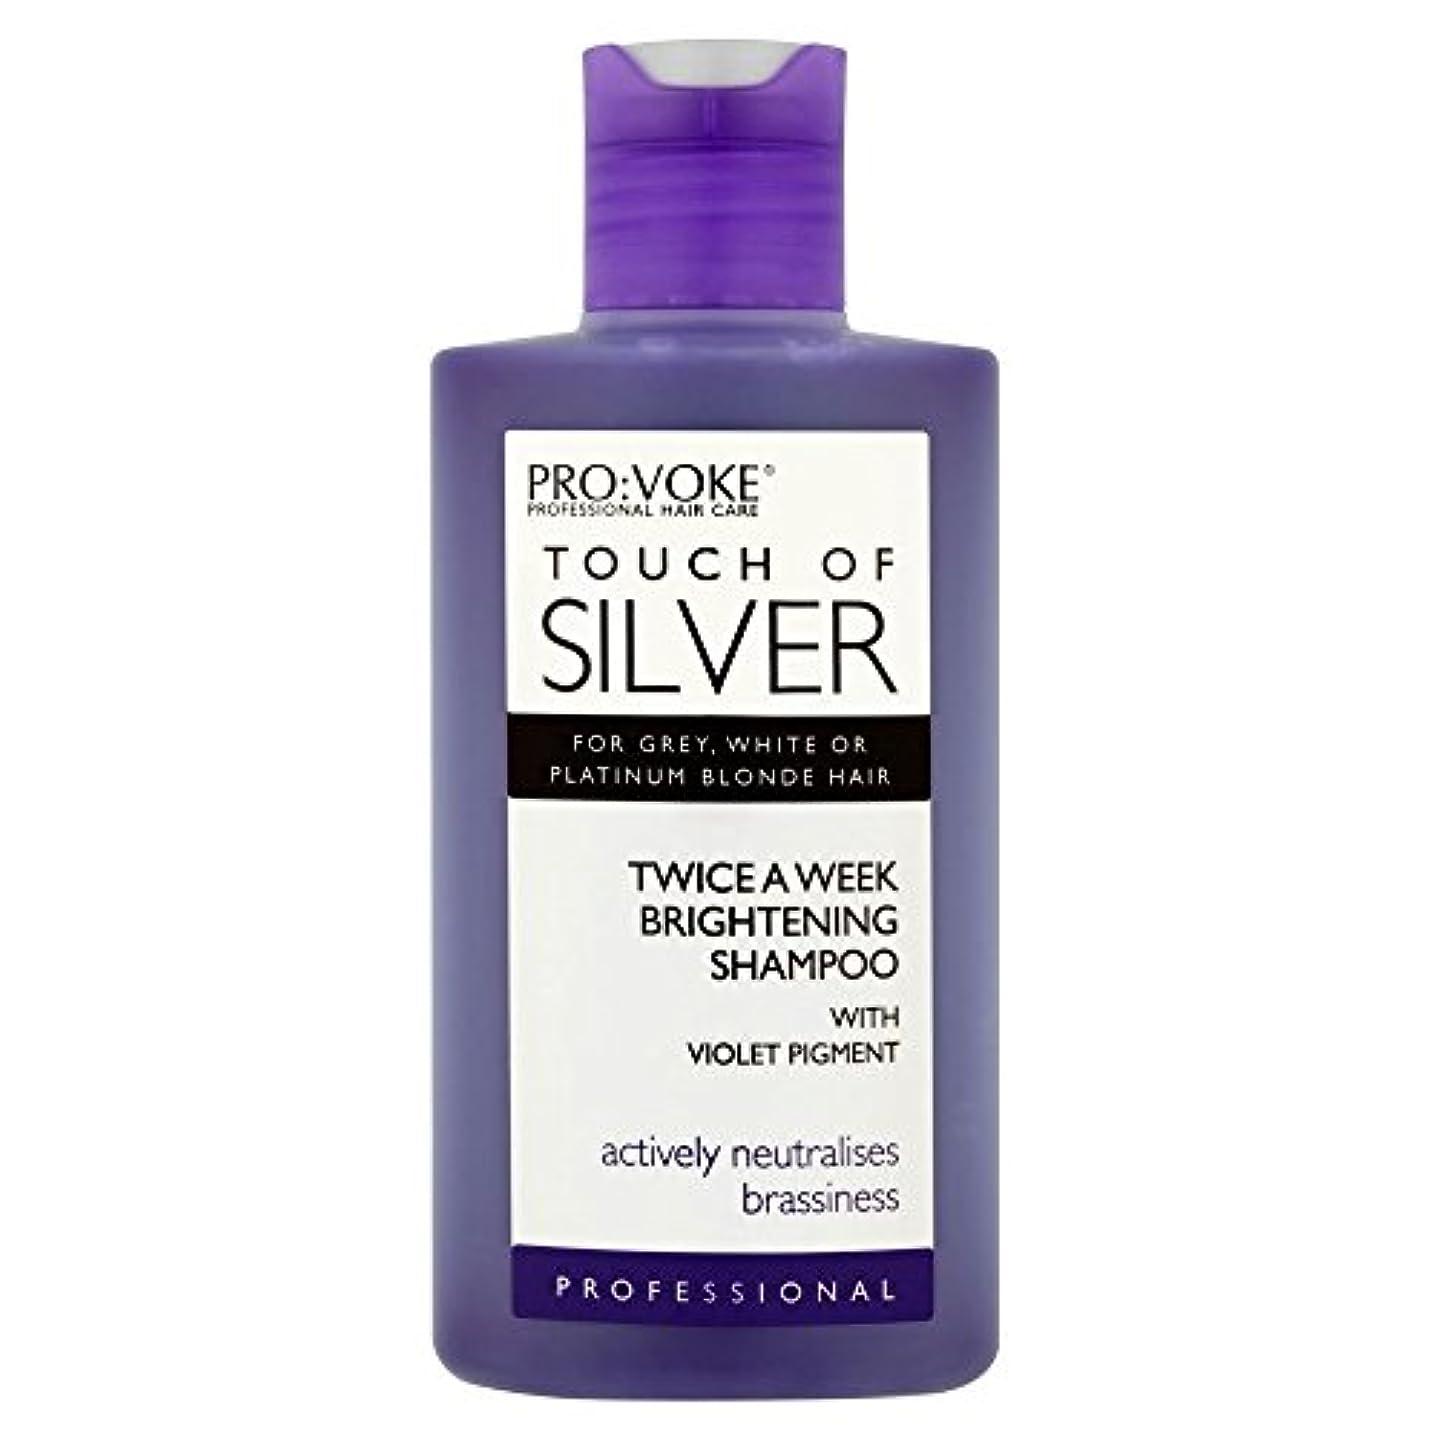 死ぬ望む電池Pro:voke Touch of Silver Professional Twice a Week Brightening Shampoo (150ml) プロ:プロの銀二回週白シャンプーのvokeタッチ( 150ミリリットル...